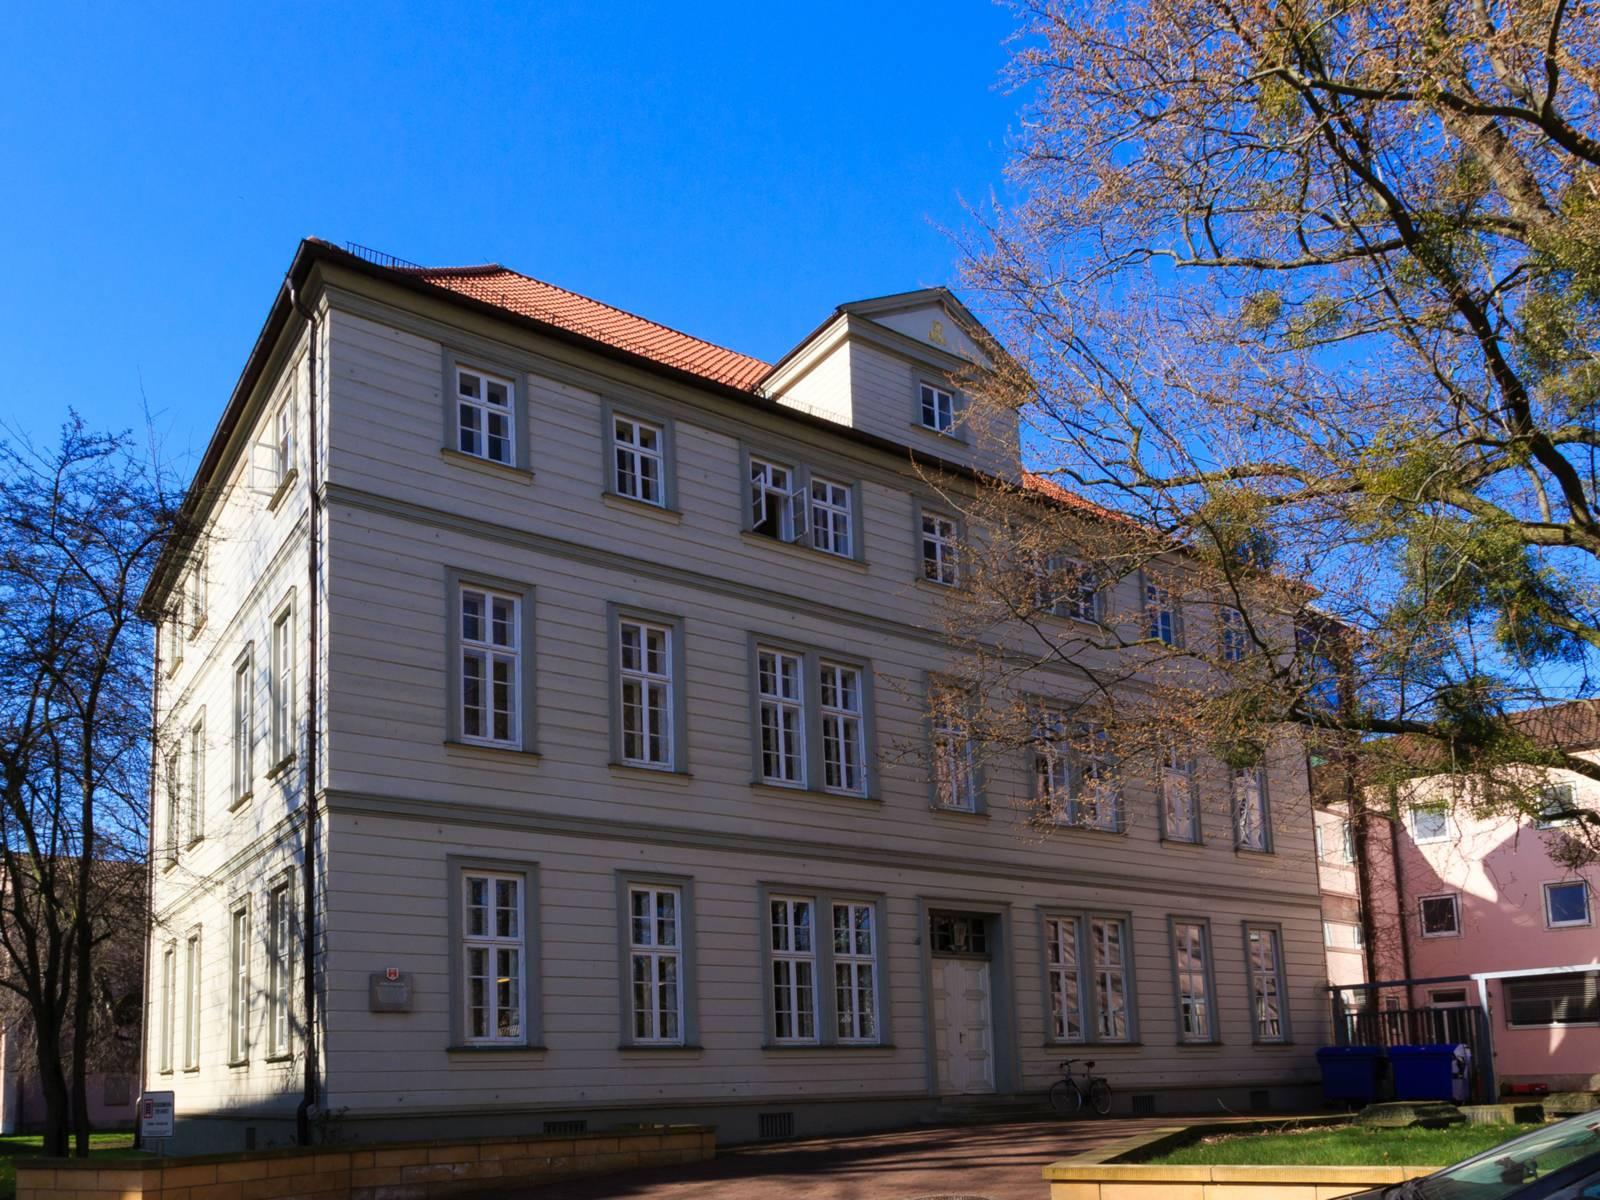 Osnabrücker Hof oder Fürstenhof